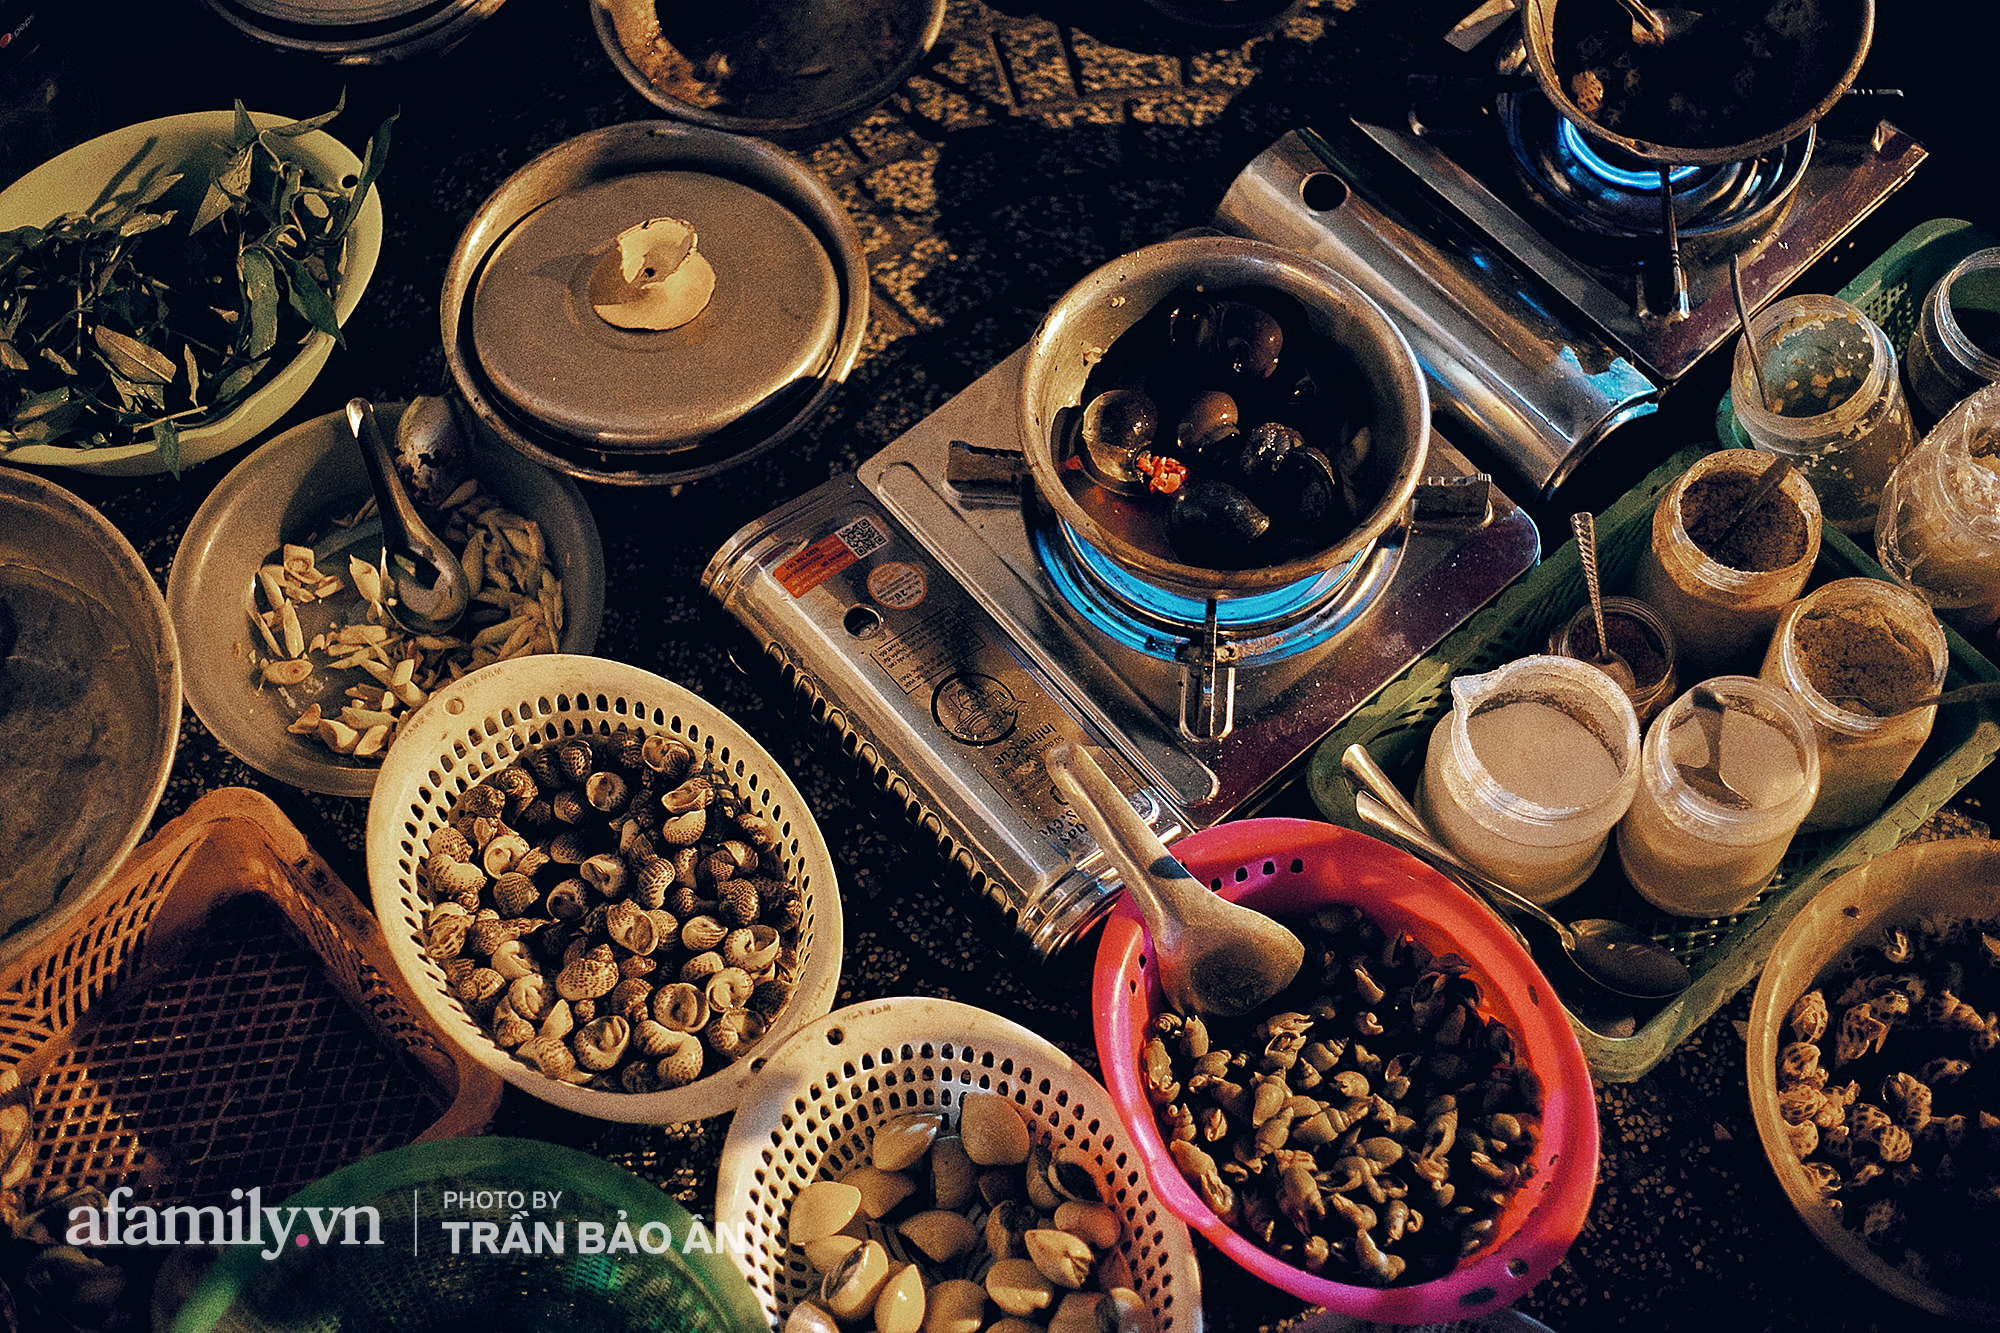 """Hàng """"ốc đèn đường"""" của bà cụ gần 70 tuổi đang nổi tiếng ở Sài Gòn, lạ đời khi khách tới thấy rẻ là than, nhiều người phụ bán không công chỉ trong 1 tiếng là hết sạch hàng - Ảnh 1."""